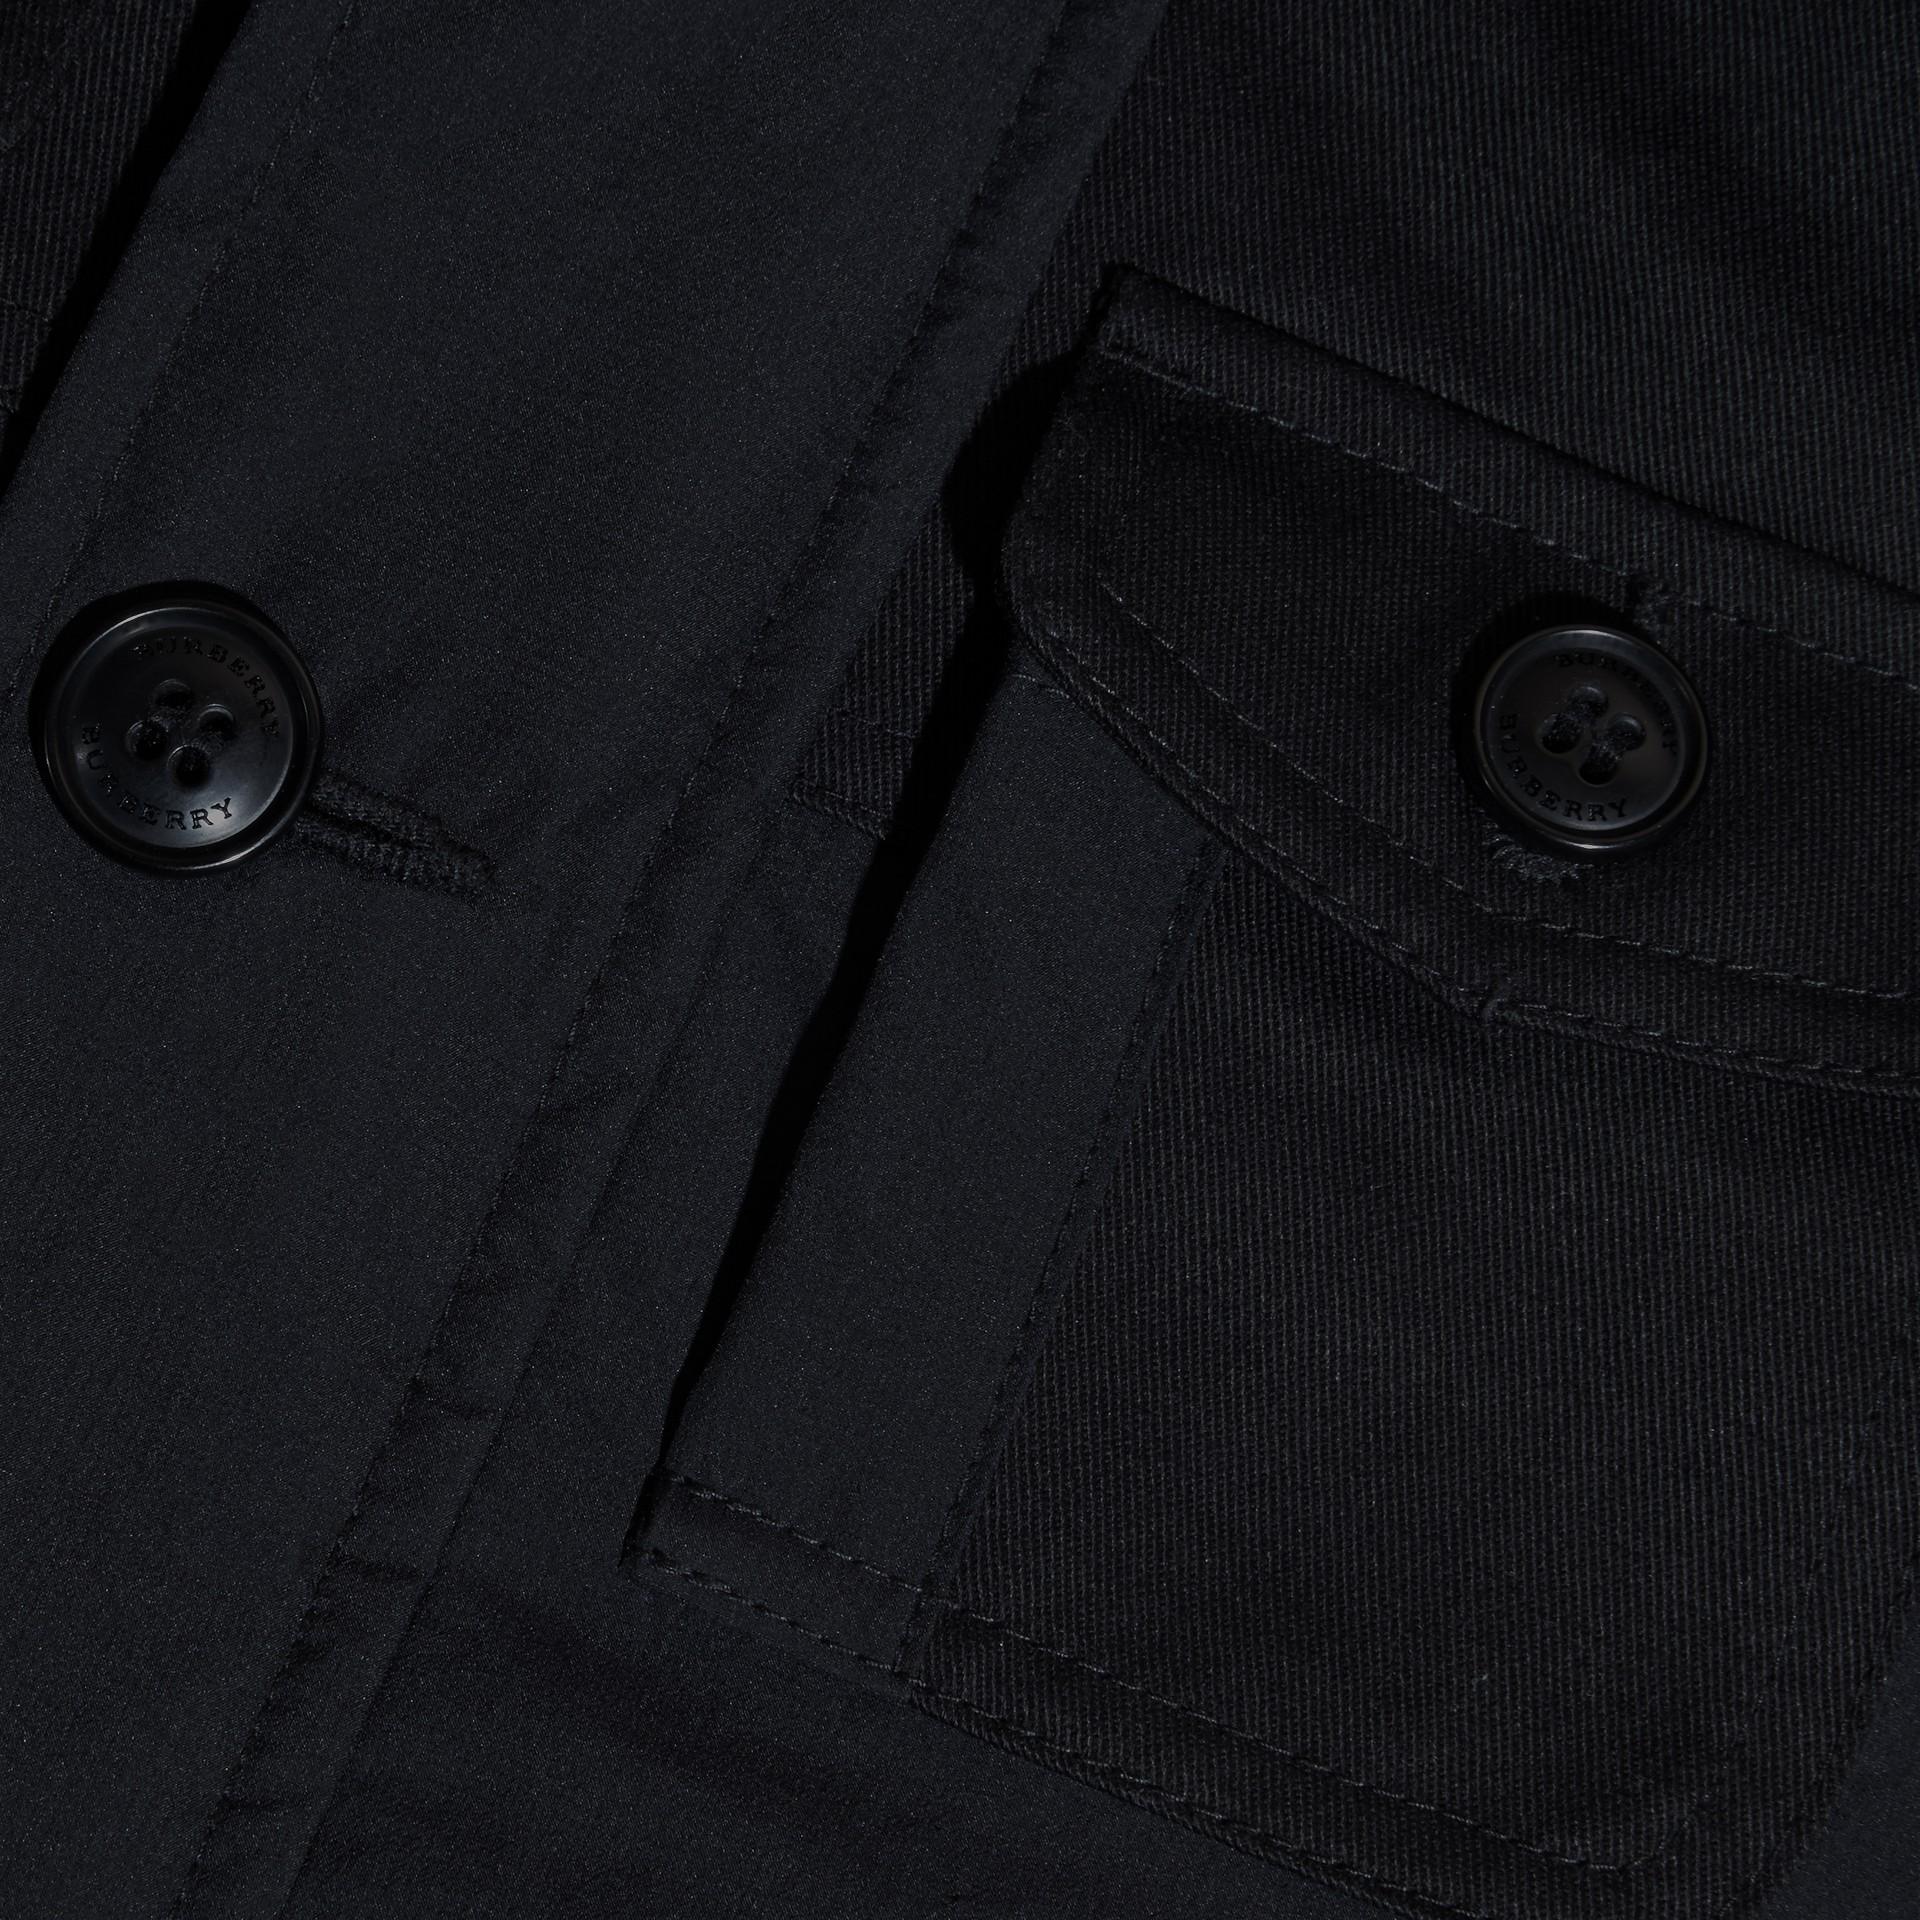 Черный Куртка с отстегивающимся капюшоном - изображение 2